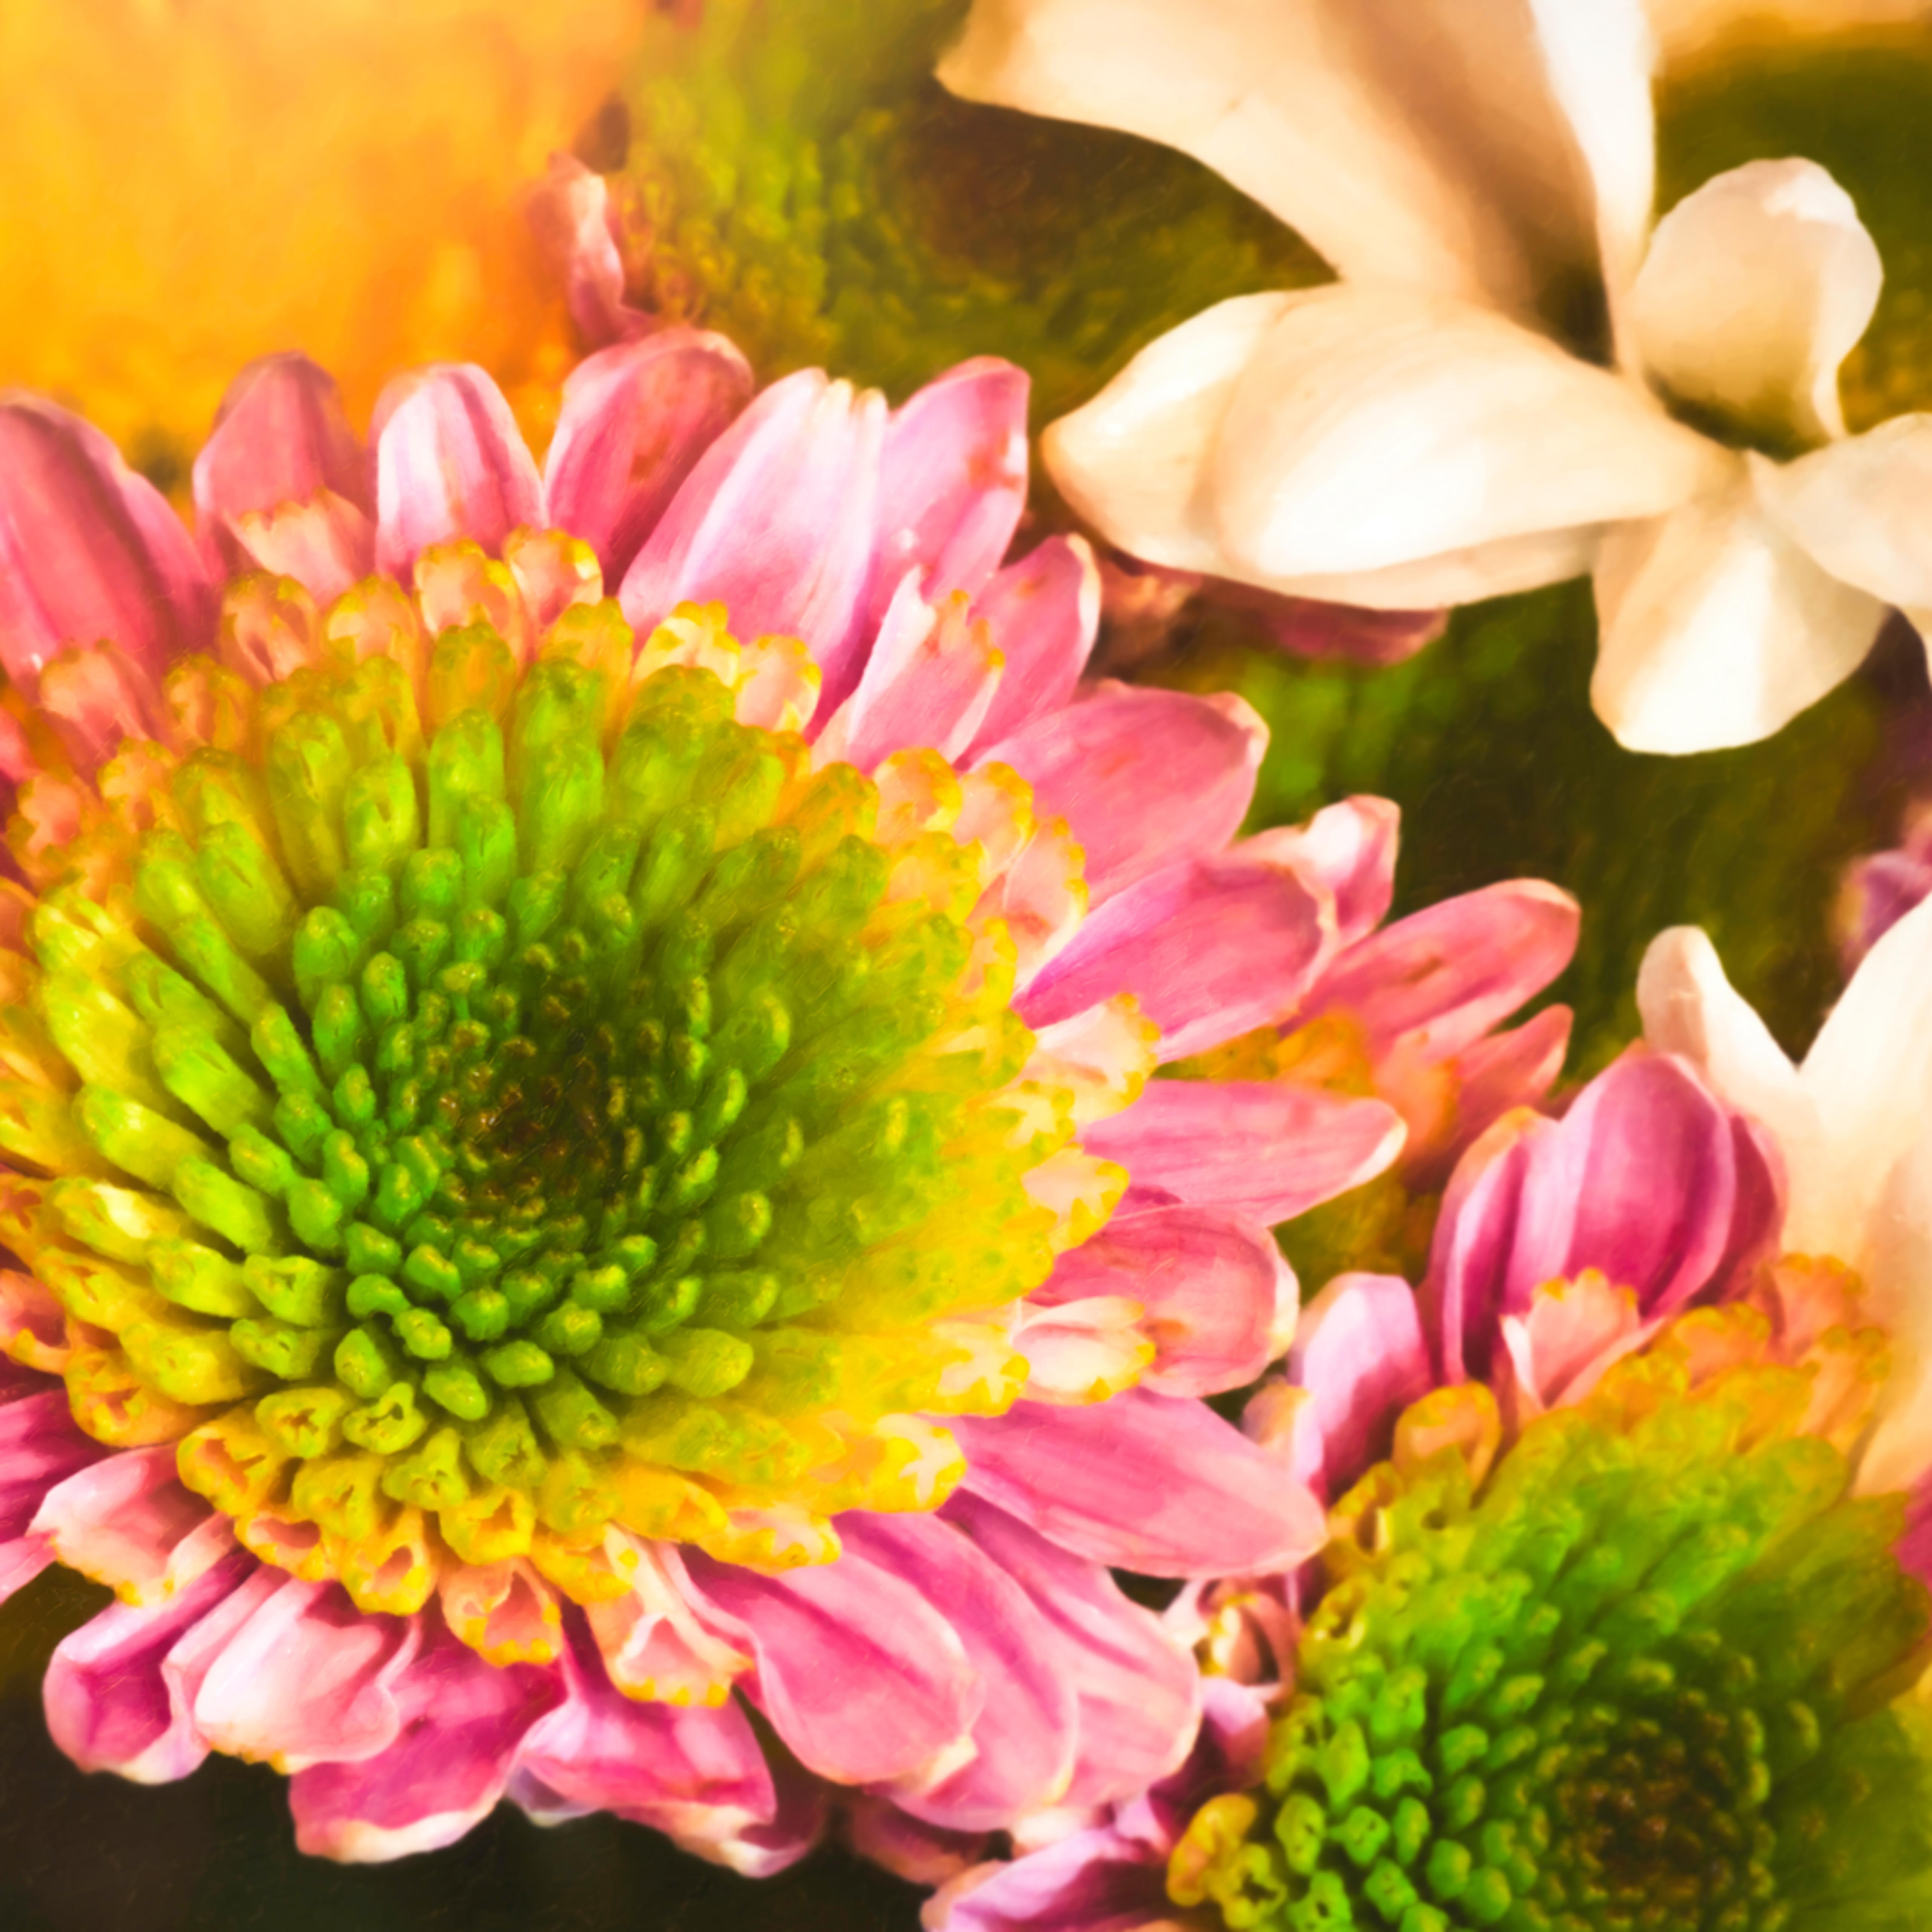 Macro flowers 014 edit lyltl5